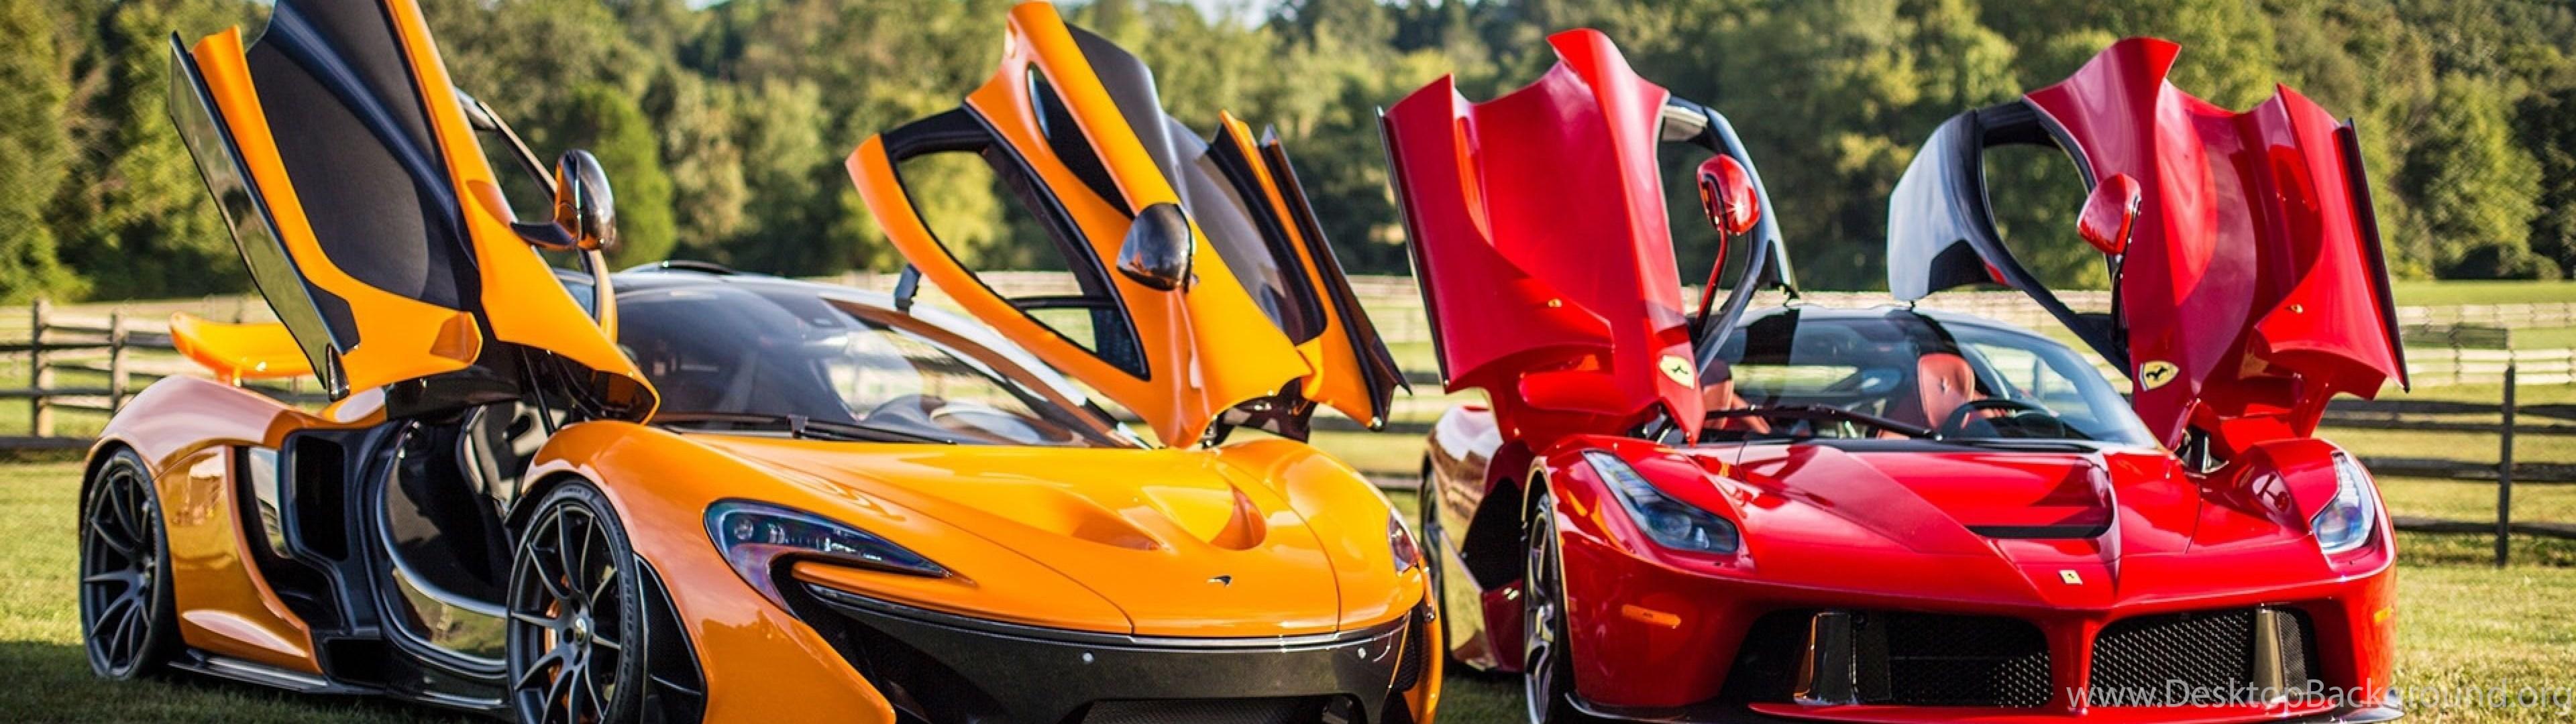 Download Wallpapers 3840x1200 Mclaren, P1, Ferrari ...